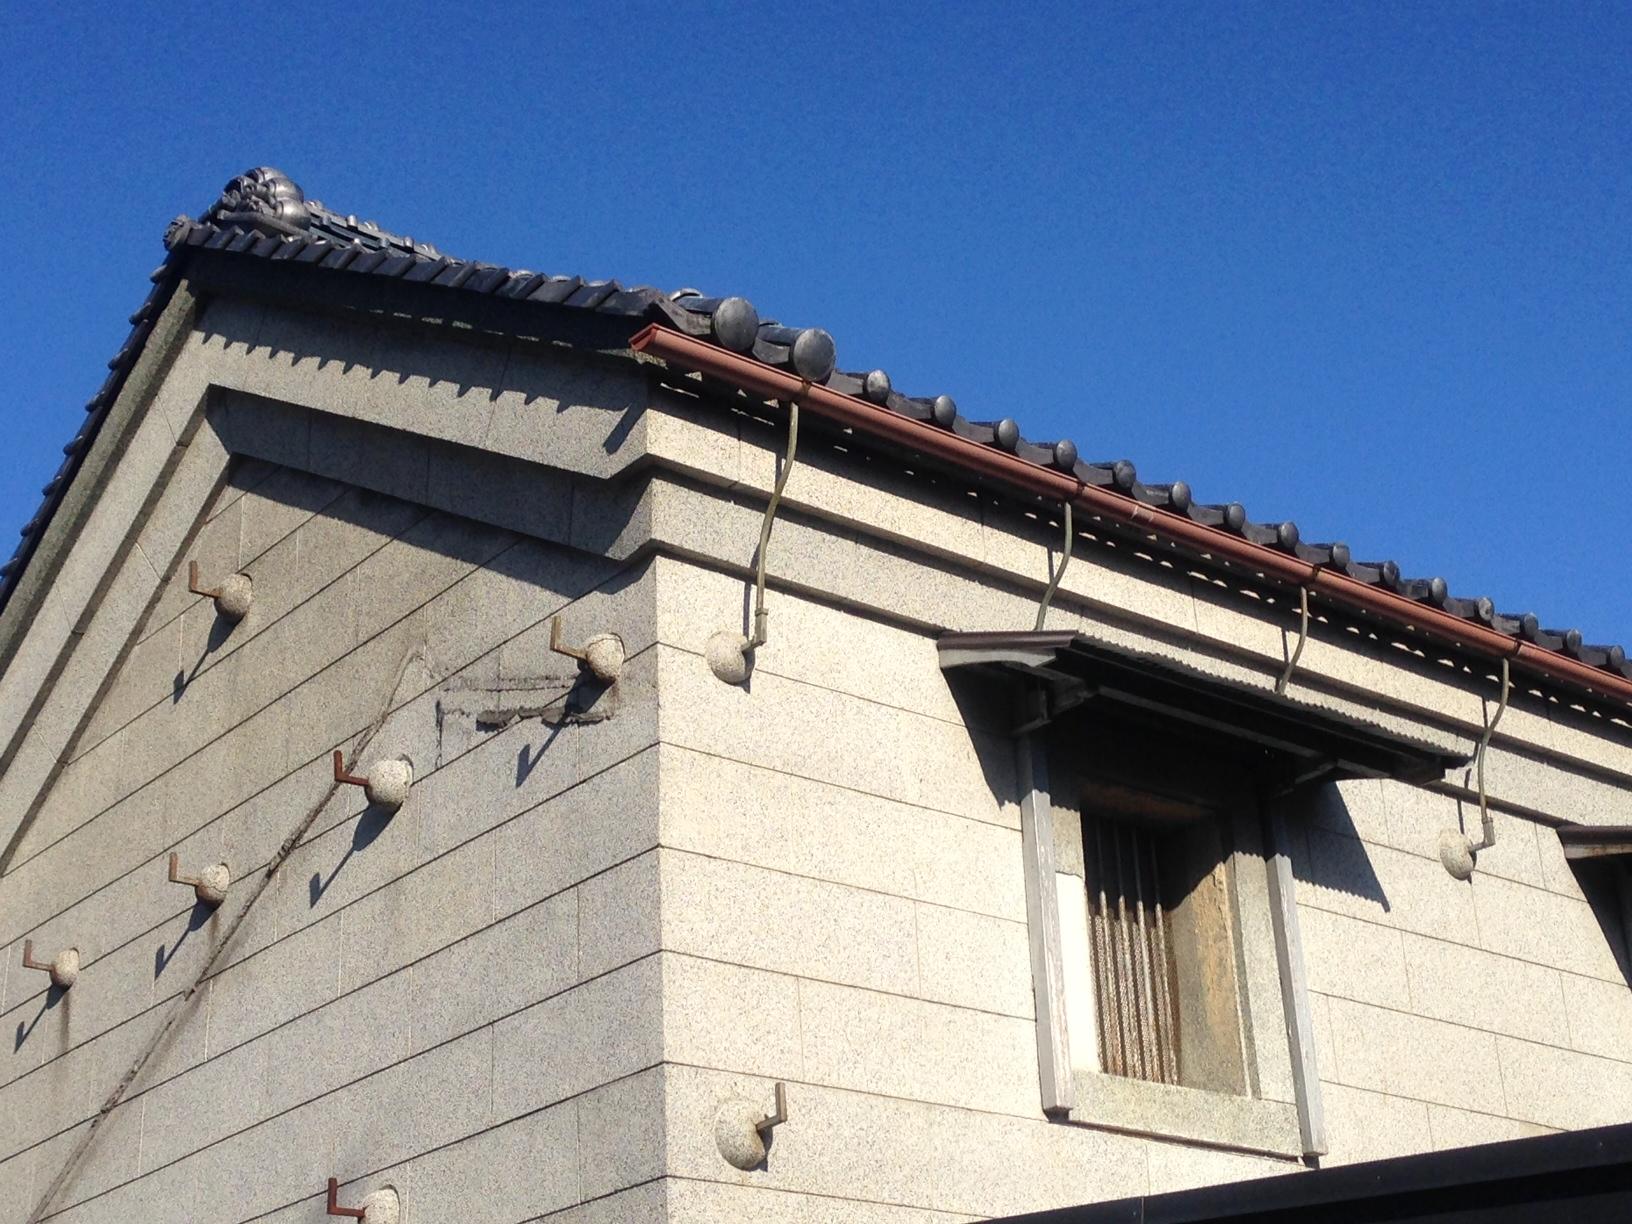 Maison Japonaise Traditionnelle Construire kura/entrepôts-greniers japonais traditionnels